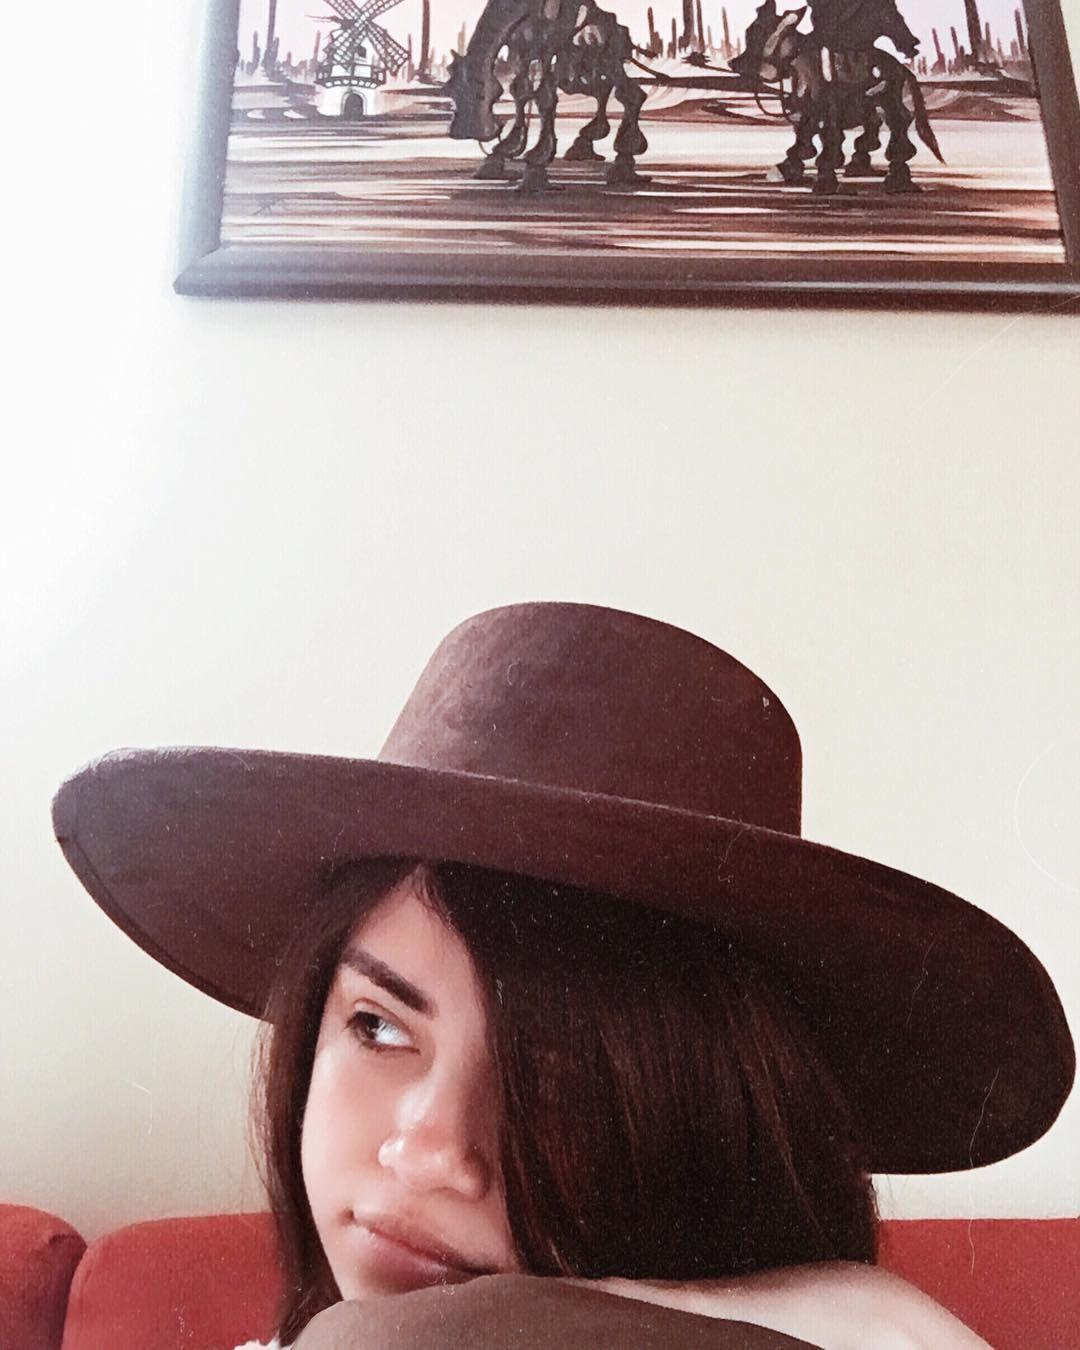 Sofia Solares On Instagram Hay Una Serpiente En Mi Bota Fedora Fashion